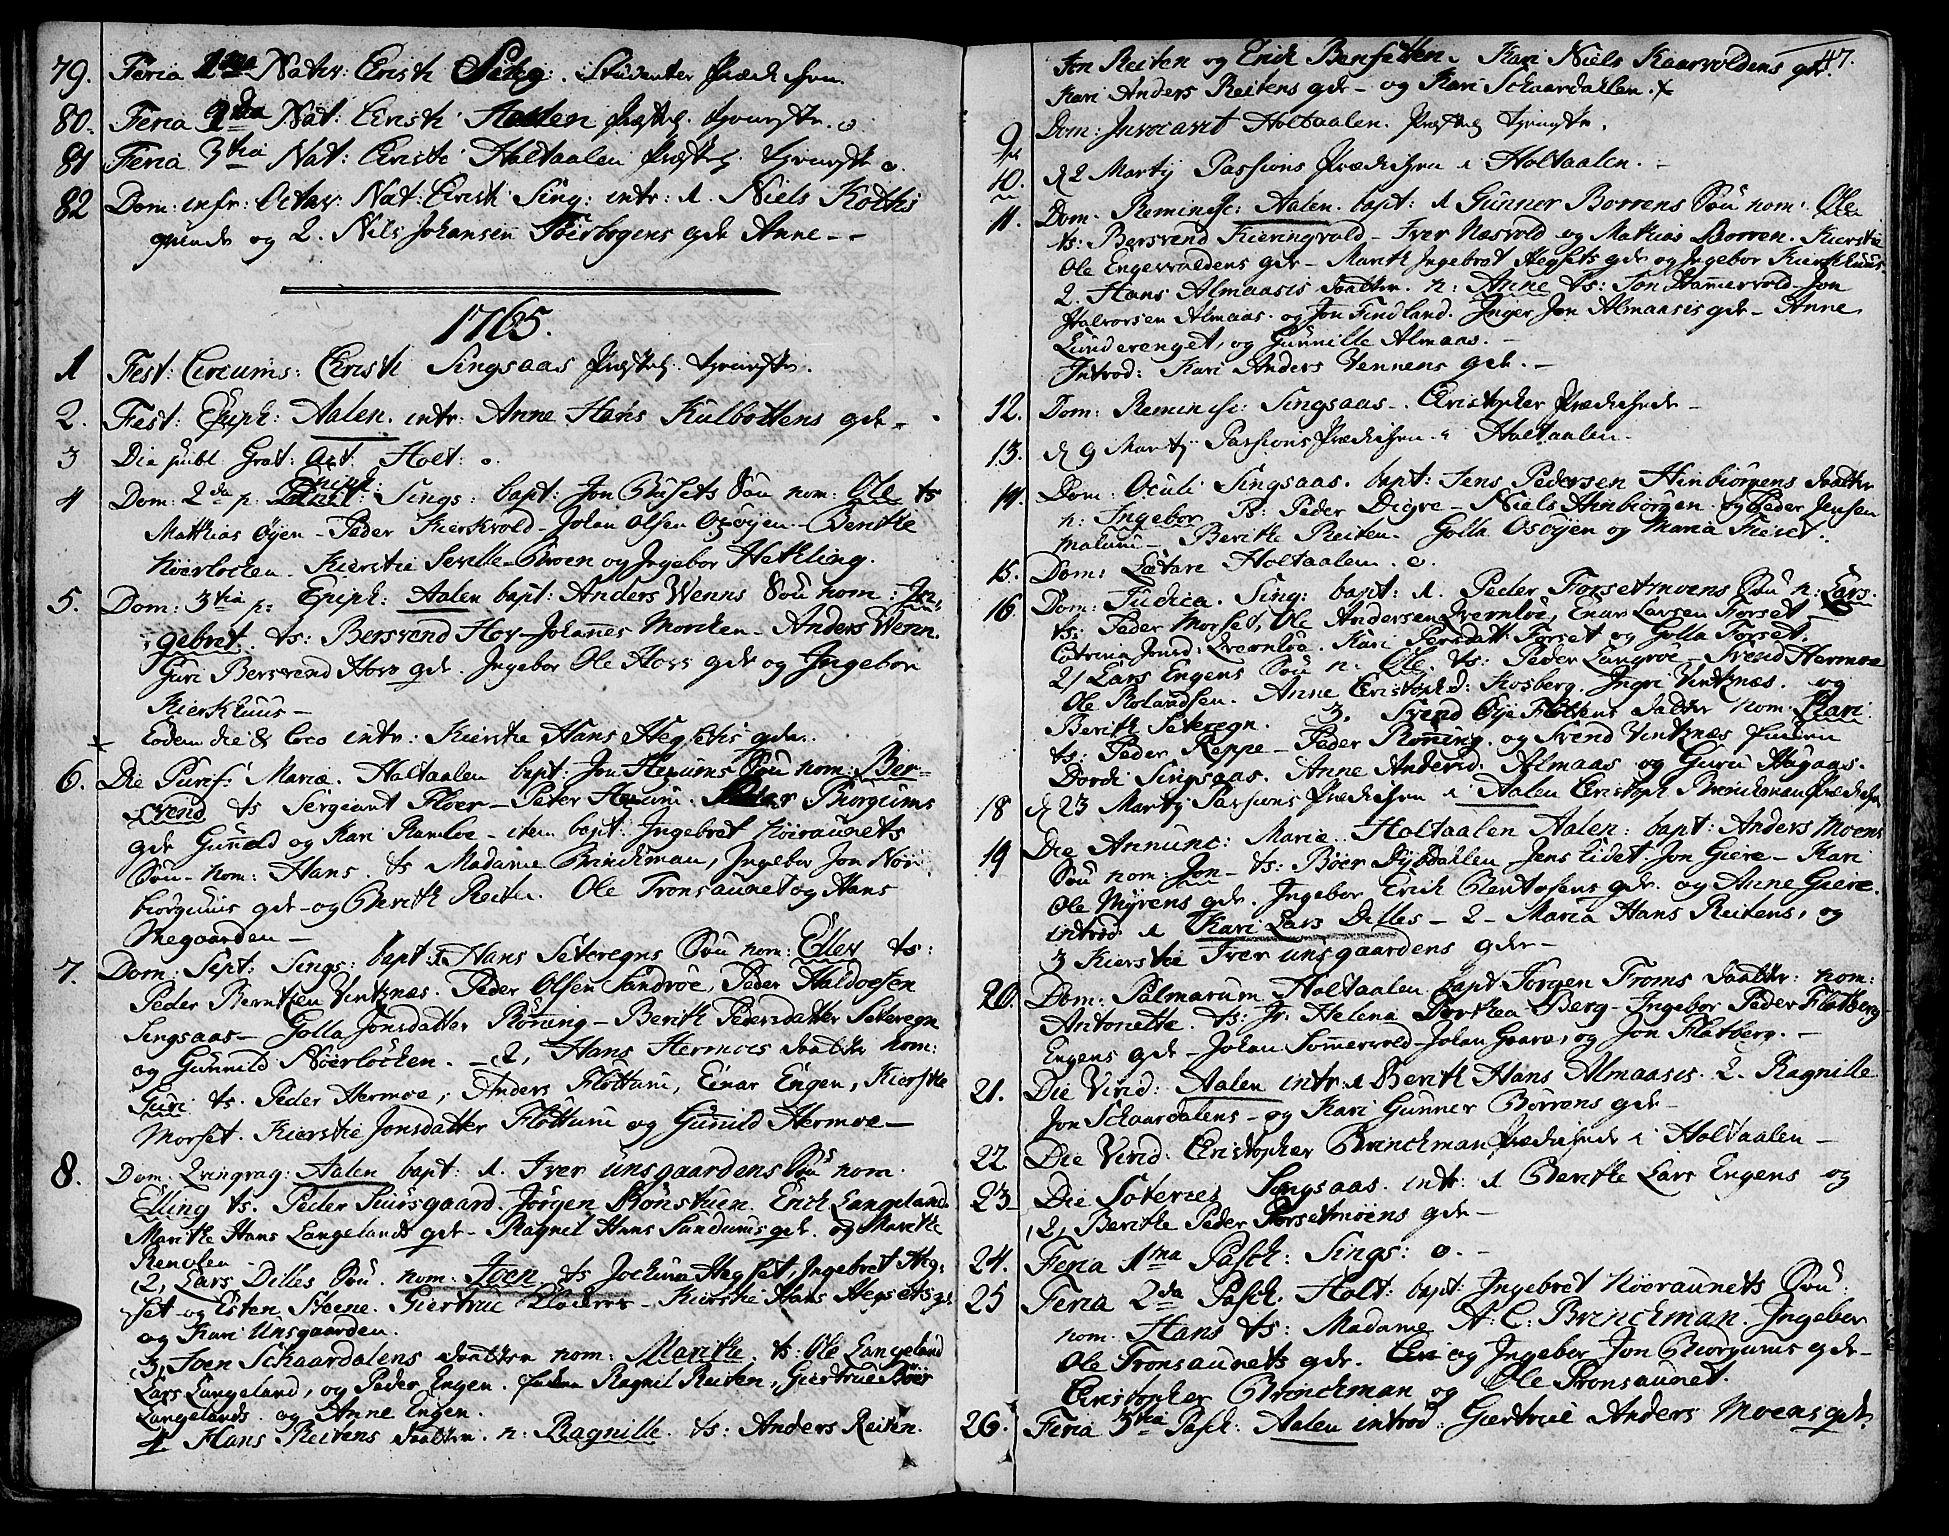 SAT, Ministerialprotokoller, klokkerbøker og fødselsregistre - Sør-Trøndelag, 685/L0952: Ministerialbok nr. 685A01, 1745-1804, s. 47